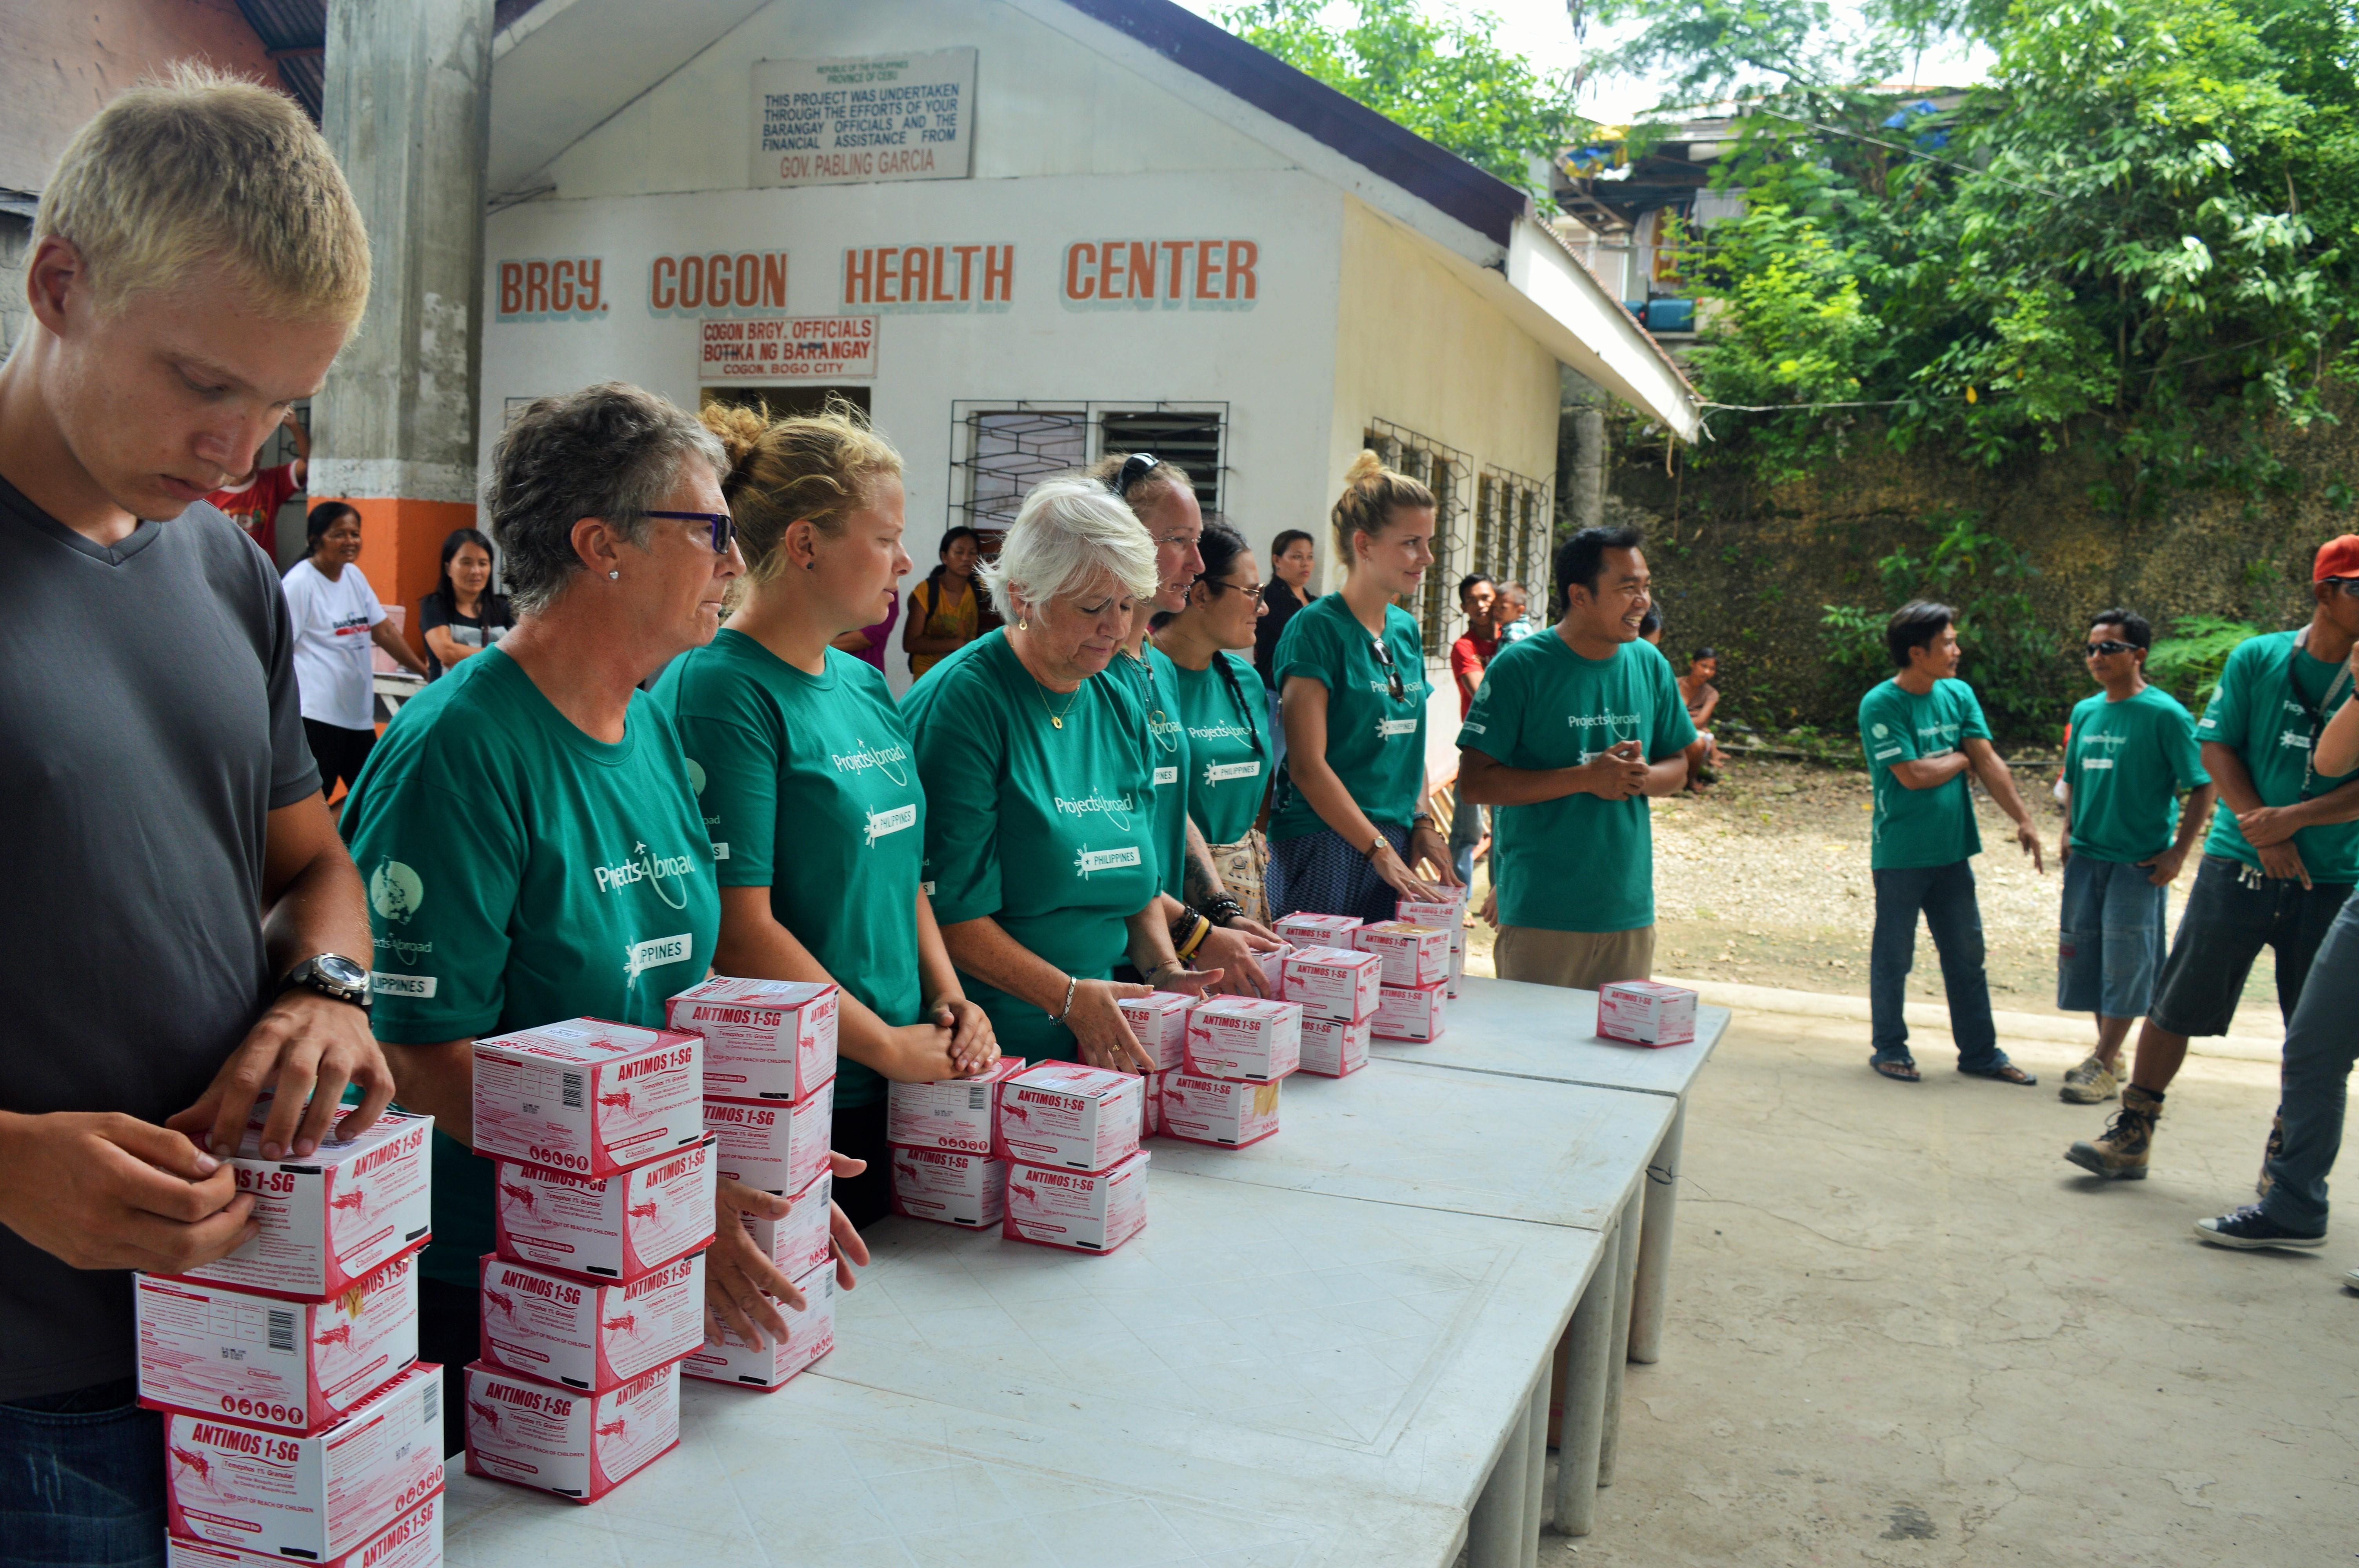 Projects Abroad hjælper med at forebygge Dengue feber i Filippinerne